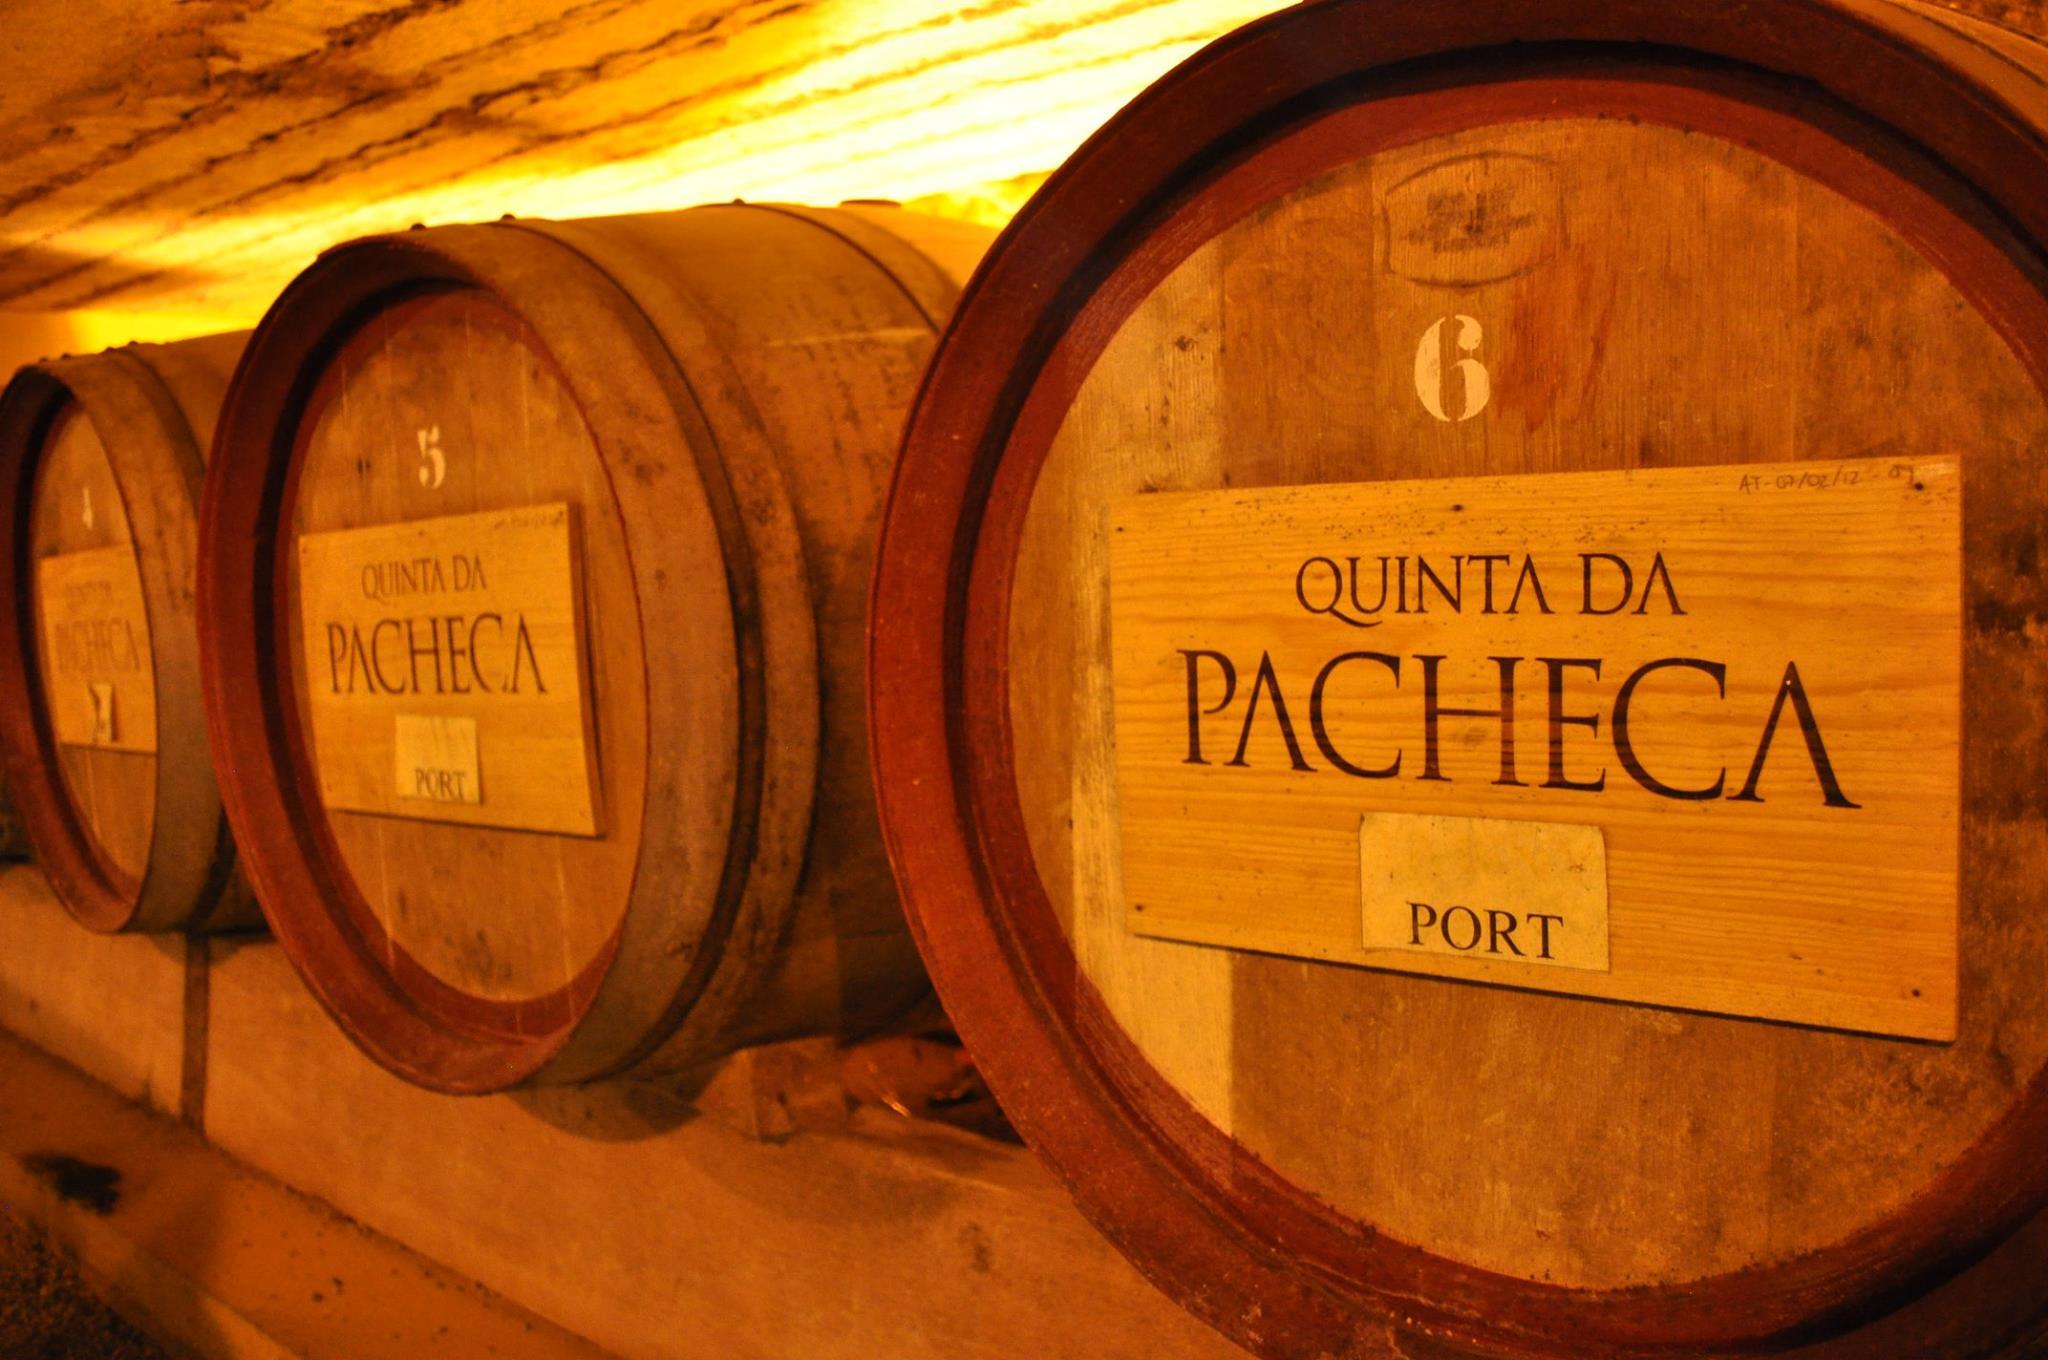 Quinta da Pacheca – Visita Guiada, Prova & Picnic